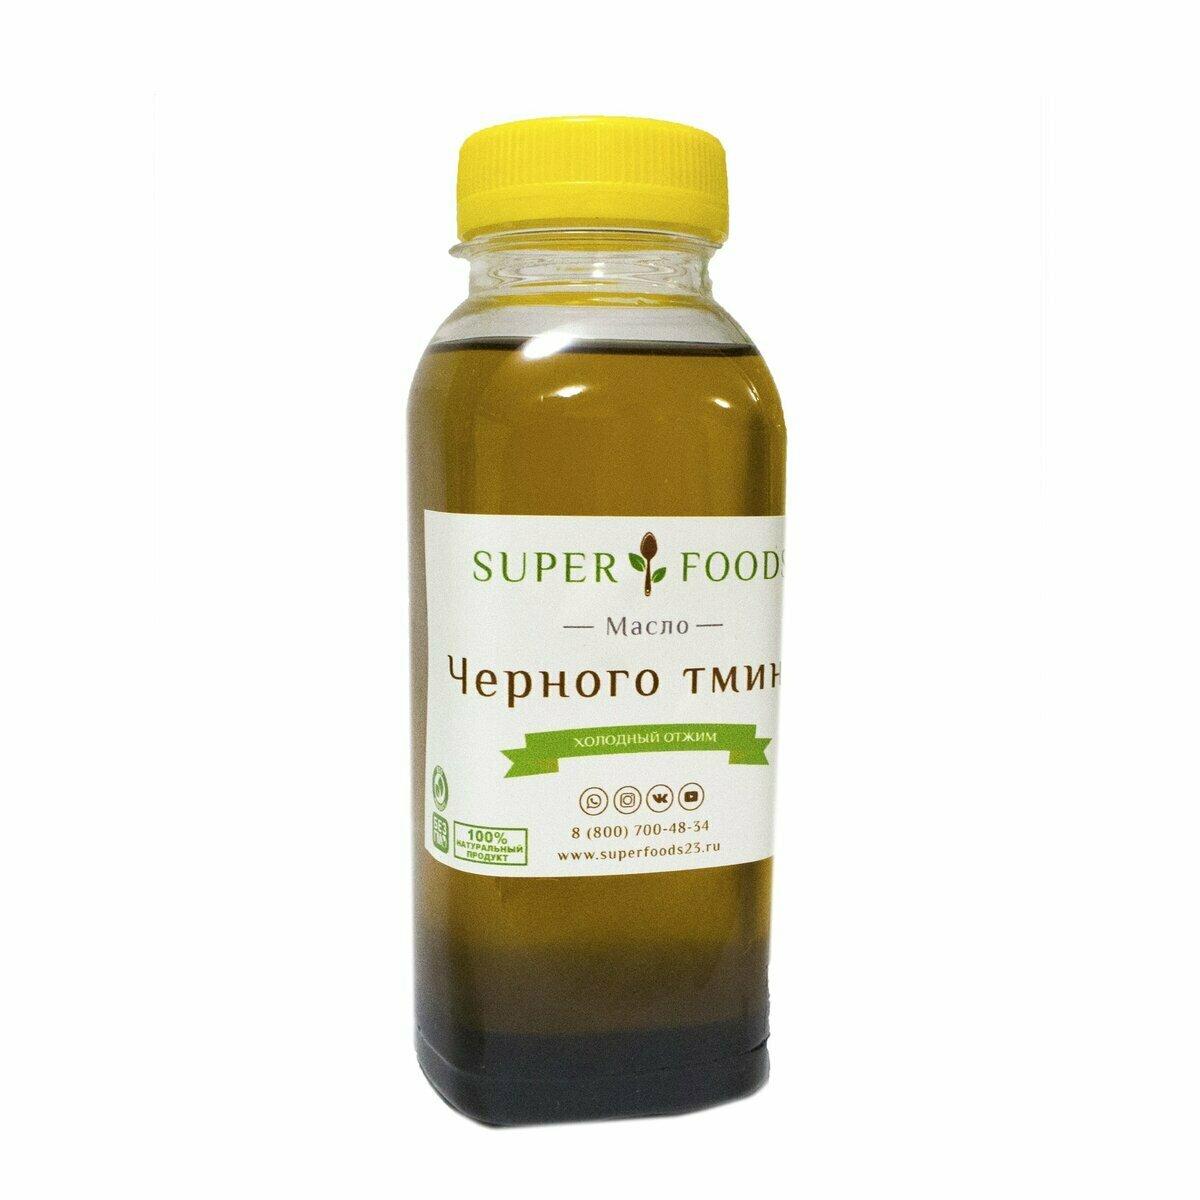 Амарантовое масло от гипертонии в Луганске